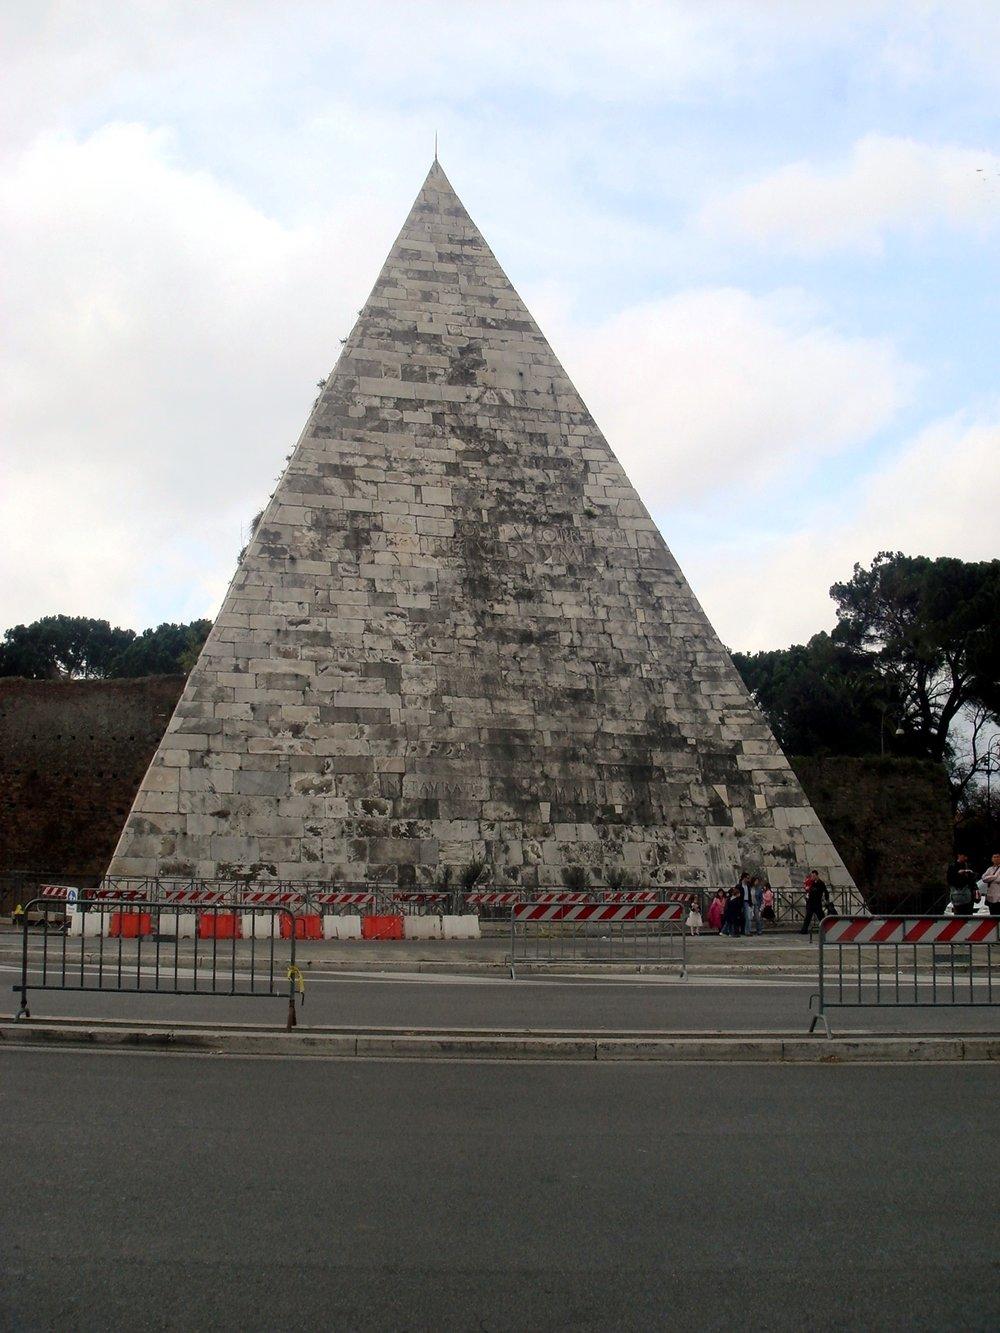 The Pyramid of Cassius Caestius in Rome. Image by Giovanni Dall'Orto